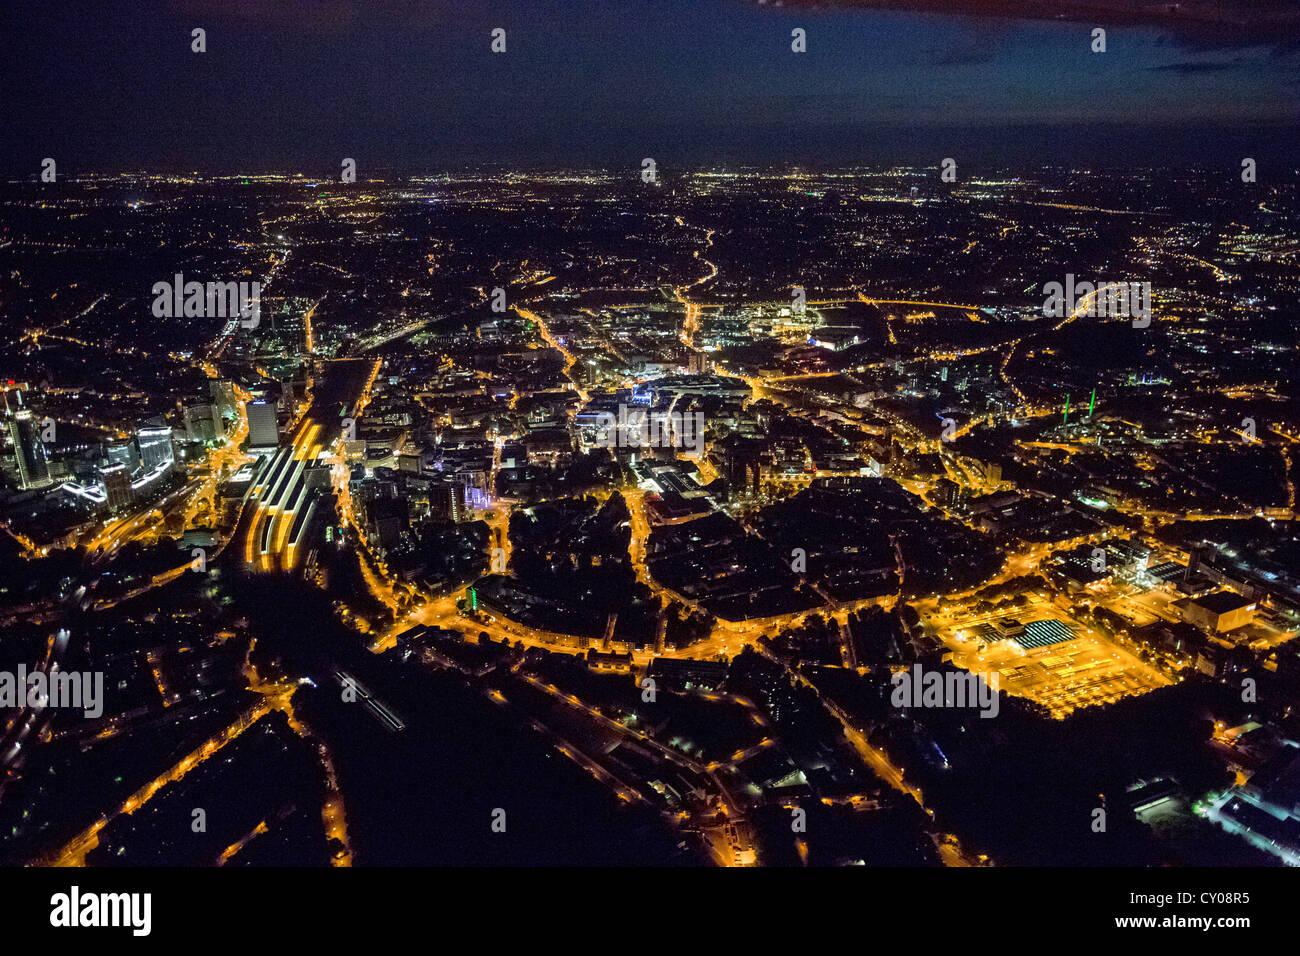 Luftaufnahme, Essen, Extraschicht 2012, jährliche Kulturveranstaltung, Ruhrgebiet, Nordrhein-Westfalen Stockbild